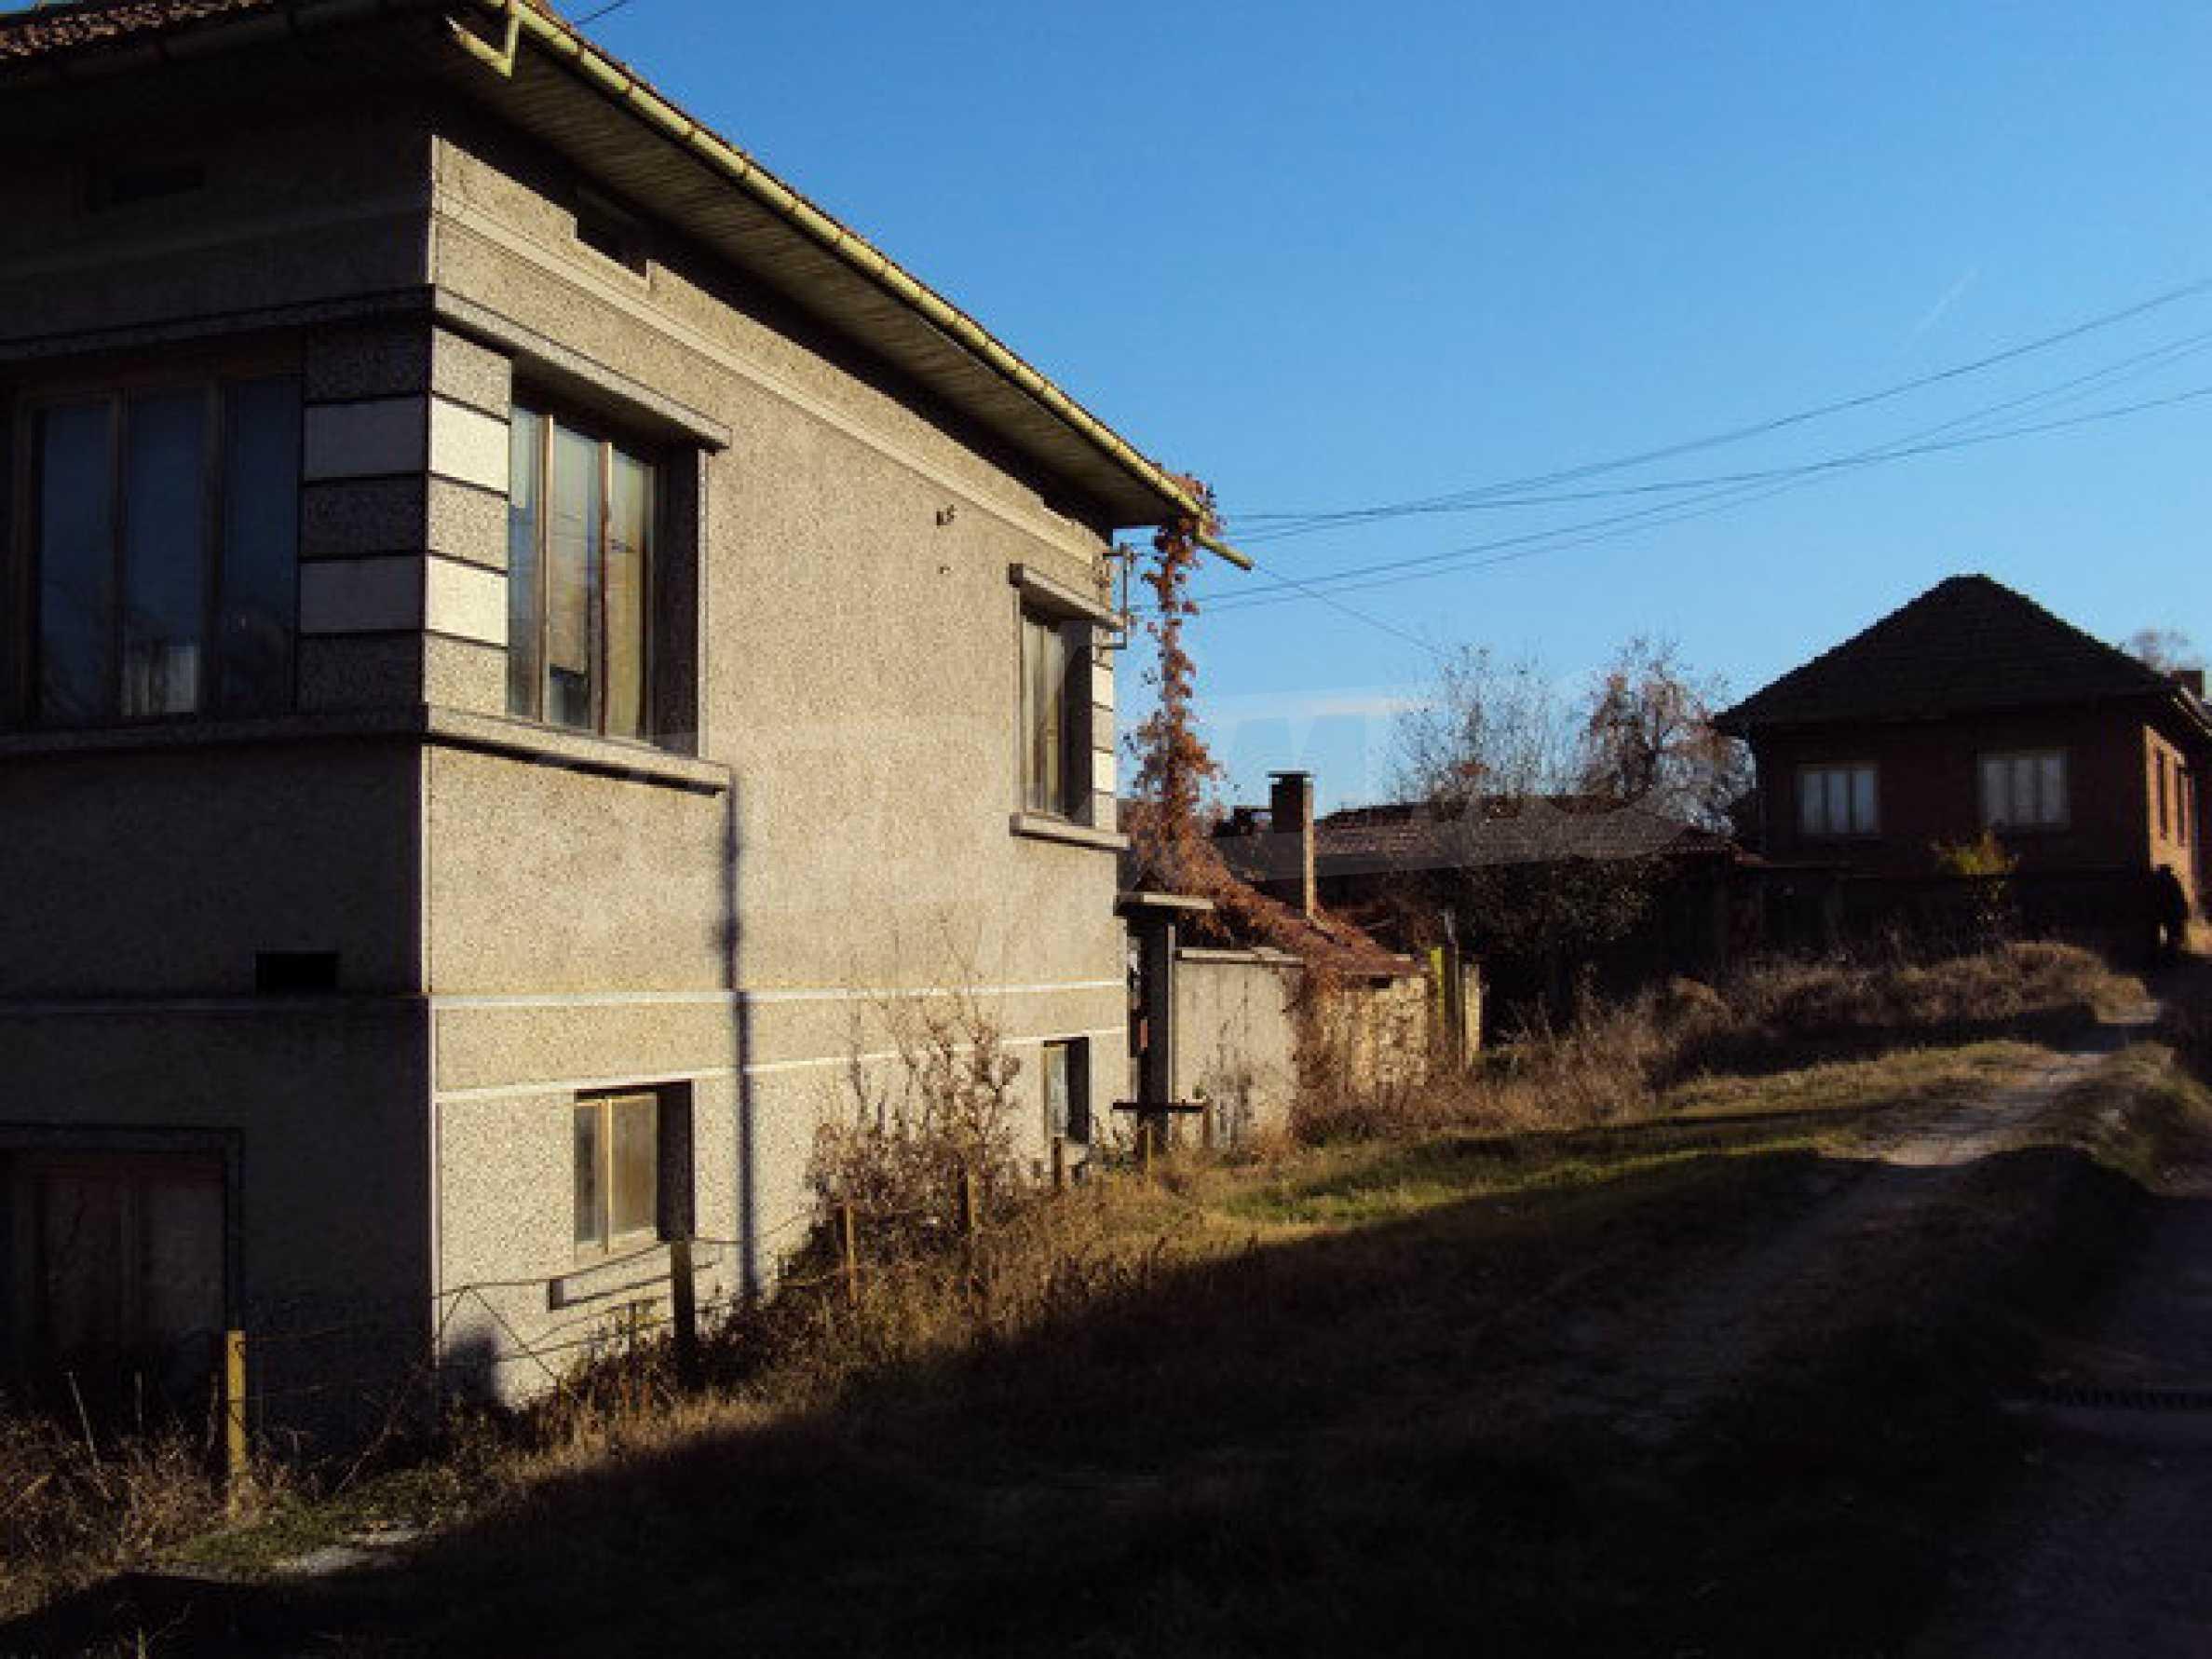 Geräumiges Haus in sehr gutem Zustand in einem Dorf 25 km von der alten Hauptstadt Veliko Tarnovo entfernt 4